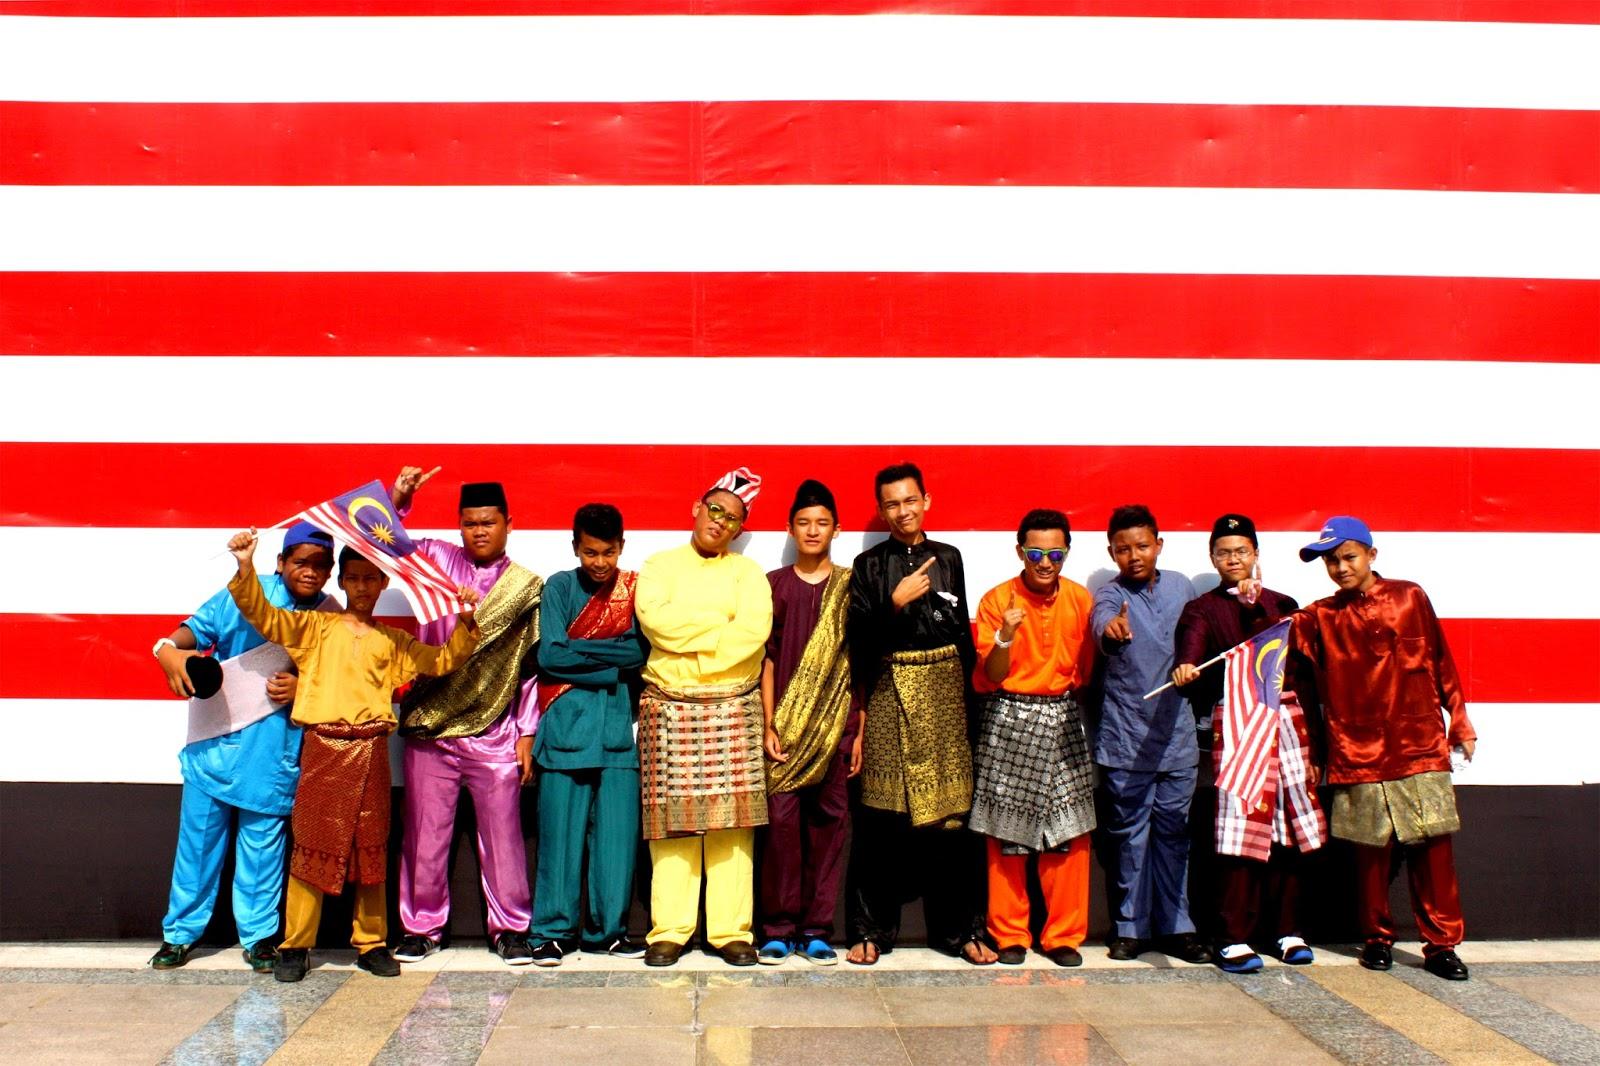 pendahuluan malaysia merupakan sebuah negara yang 2012-4-21 akauntan negara malaysia (janm) (2007) pula, pusat tanggungjawab (ptj) adalah merupakan institusi atau organisasi yang menerima waran daripada janm untuk.